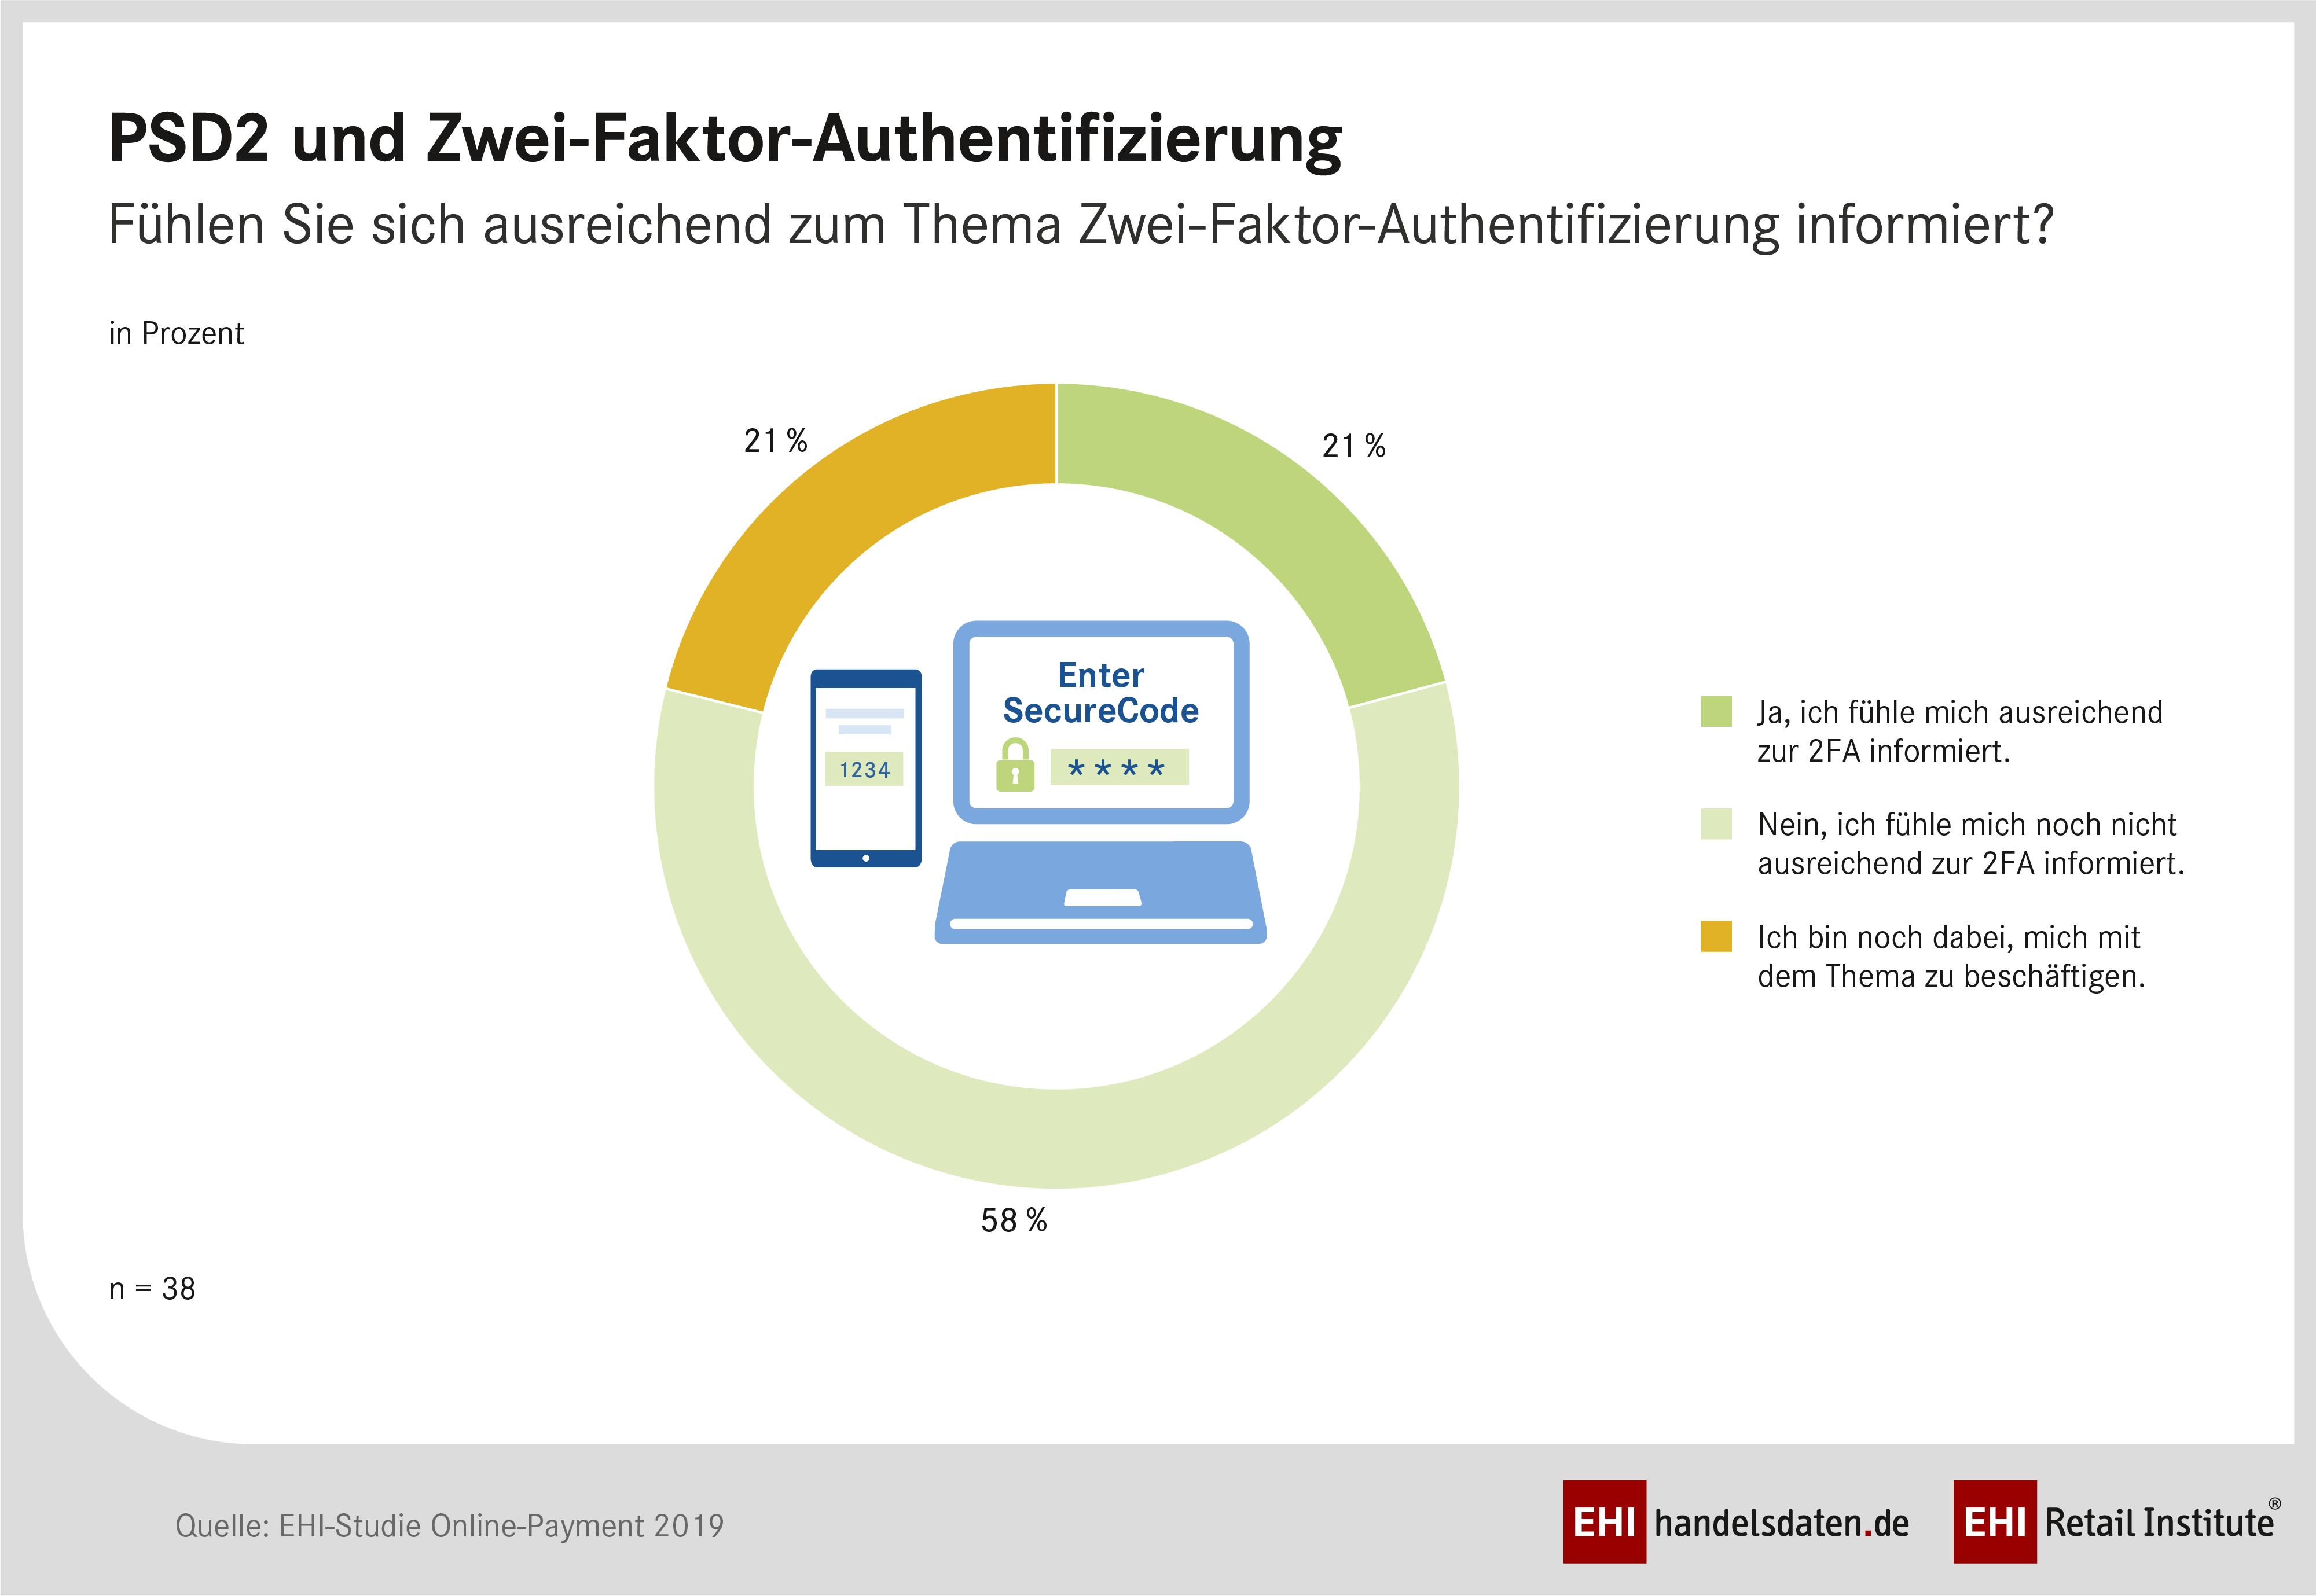 PM_2_Online-Payment2019_PSD2_Authentifizierung_RGB